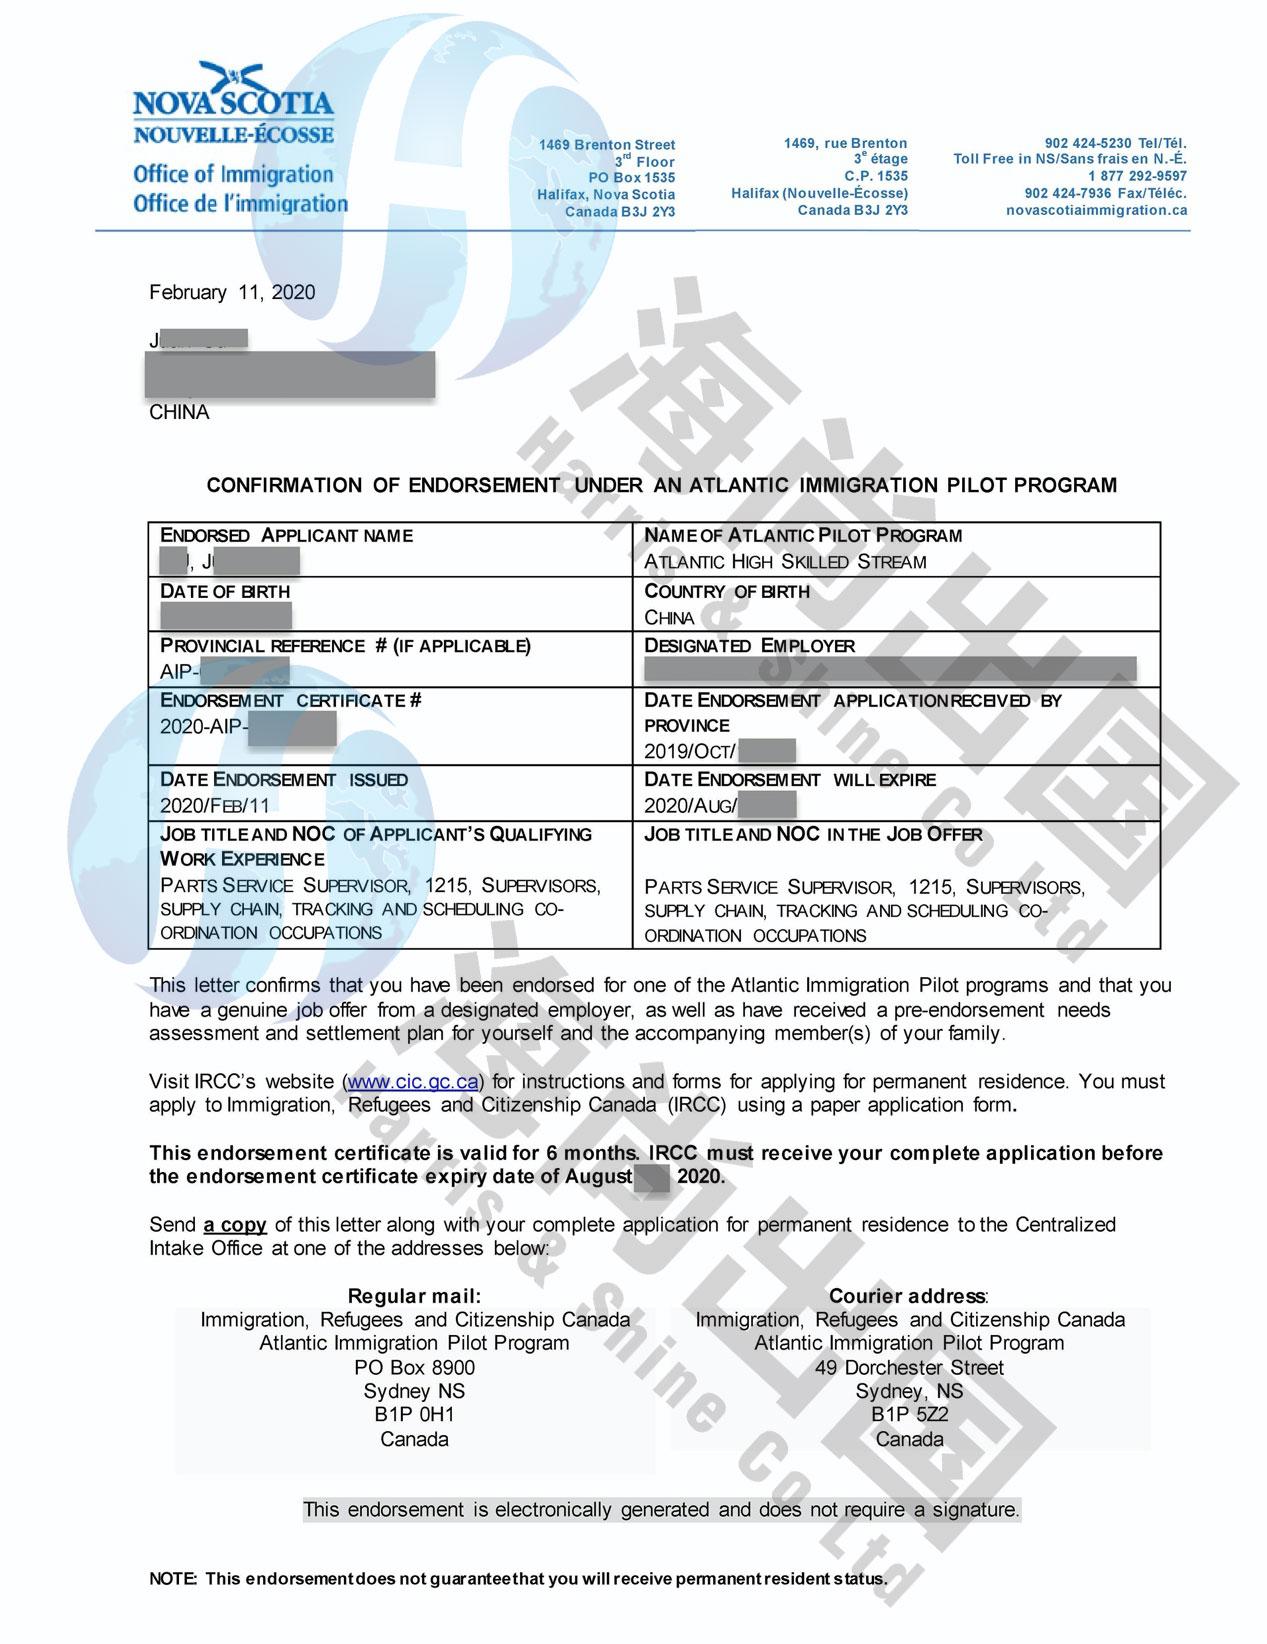 恭喜J女士获批加拿大大西洋四省AIPP省认证信